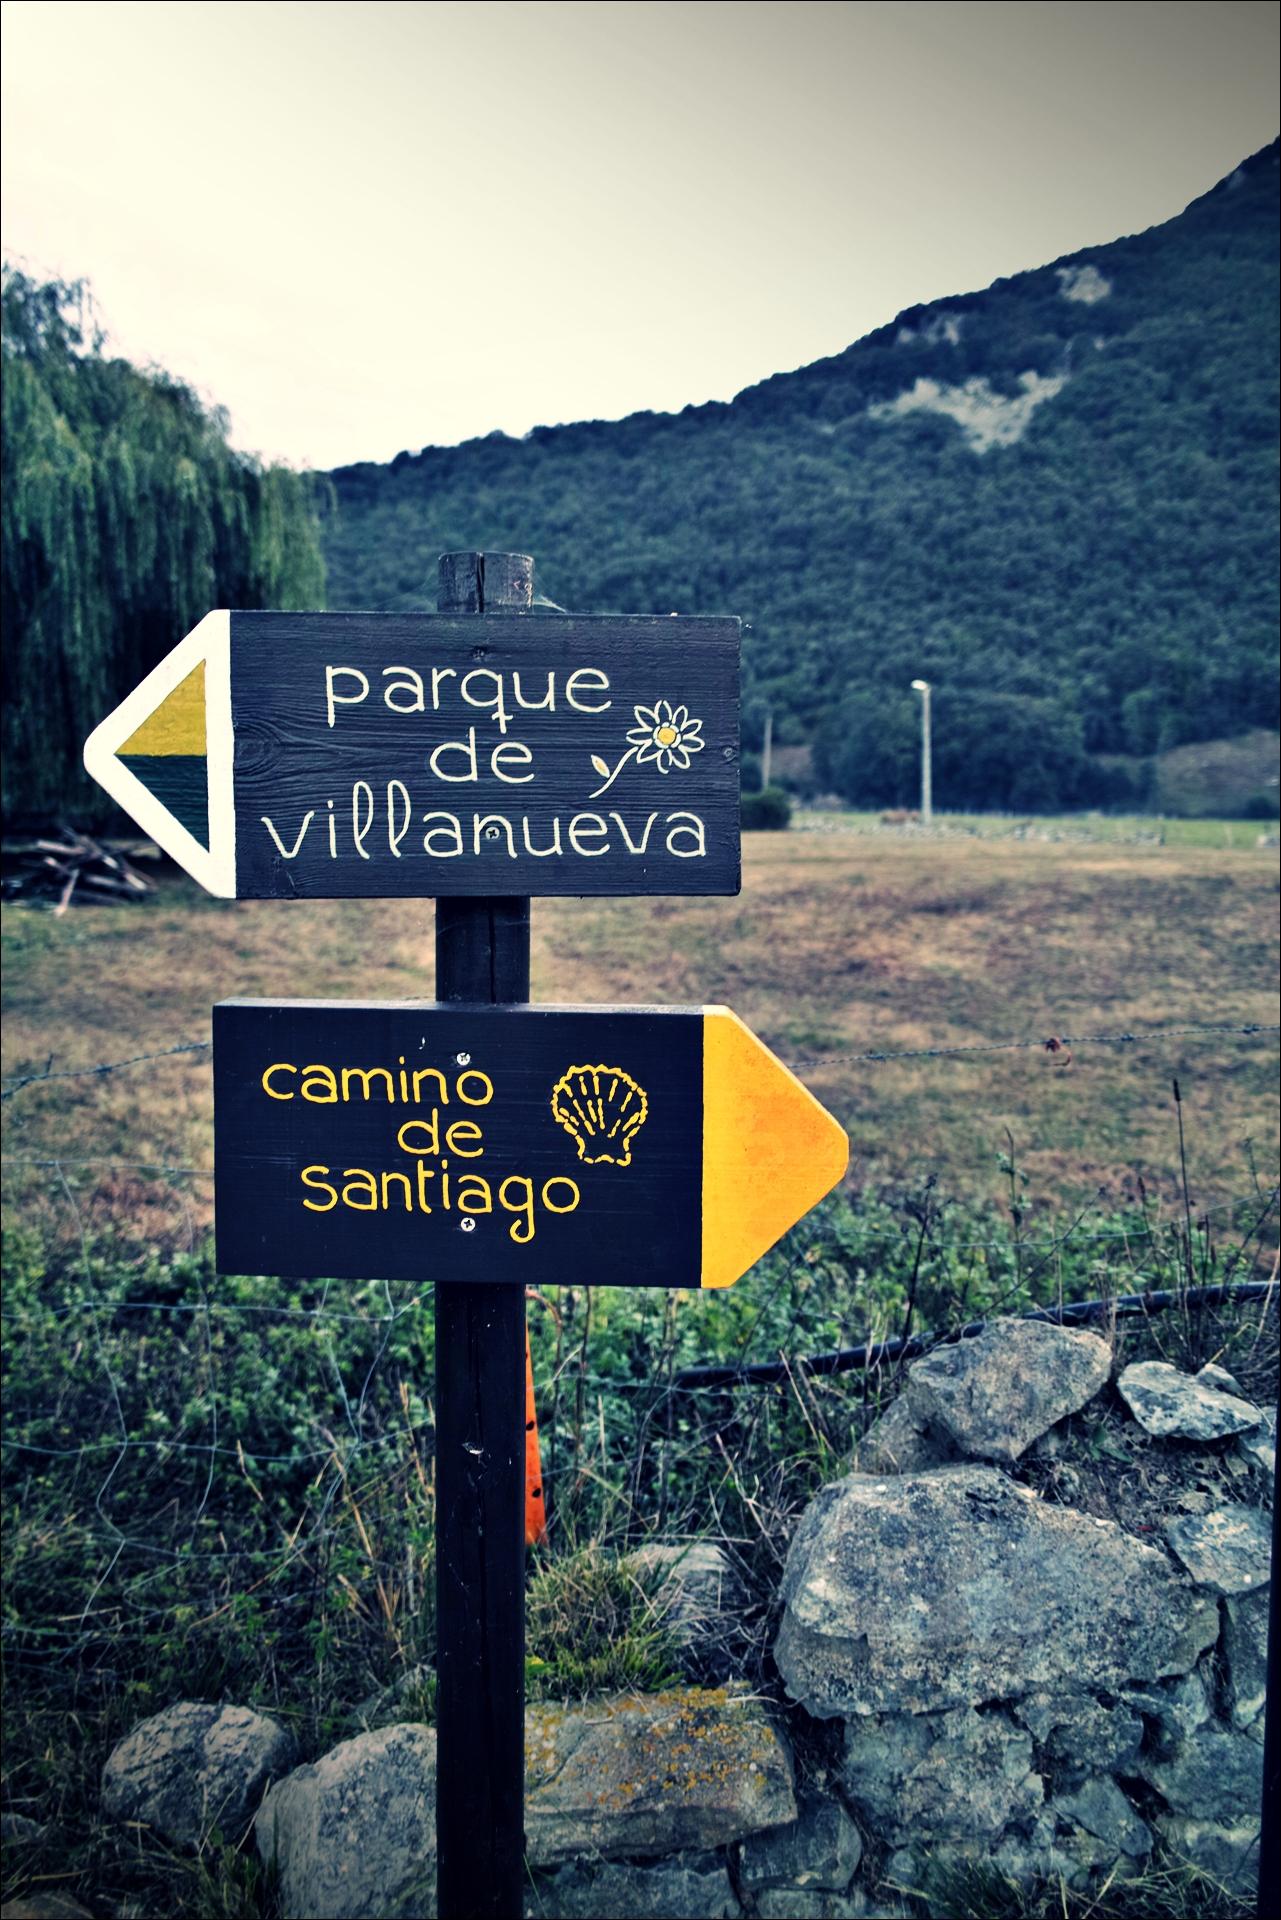 이정표-'카미노 데 산티아고 북쪽길. 리엔도에서 산토냐. (Camino del Norte - Liendo to Santoña) '